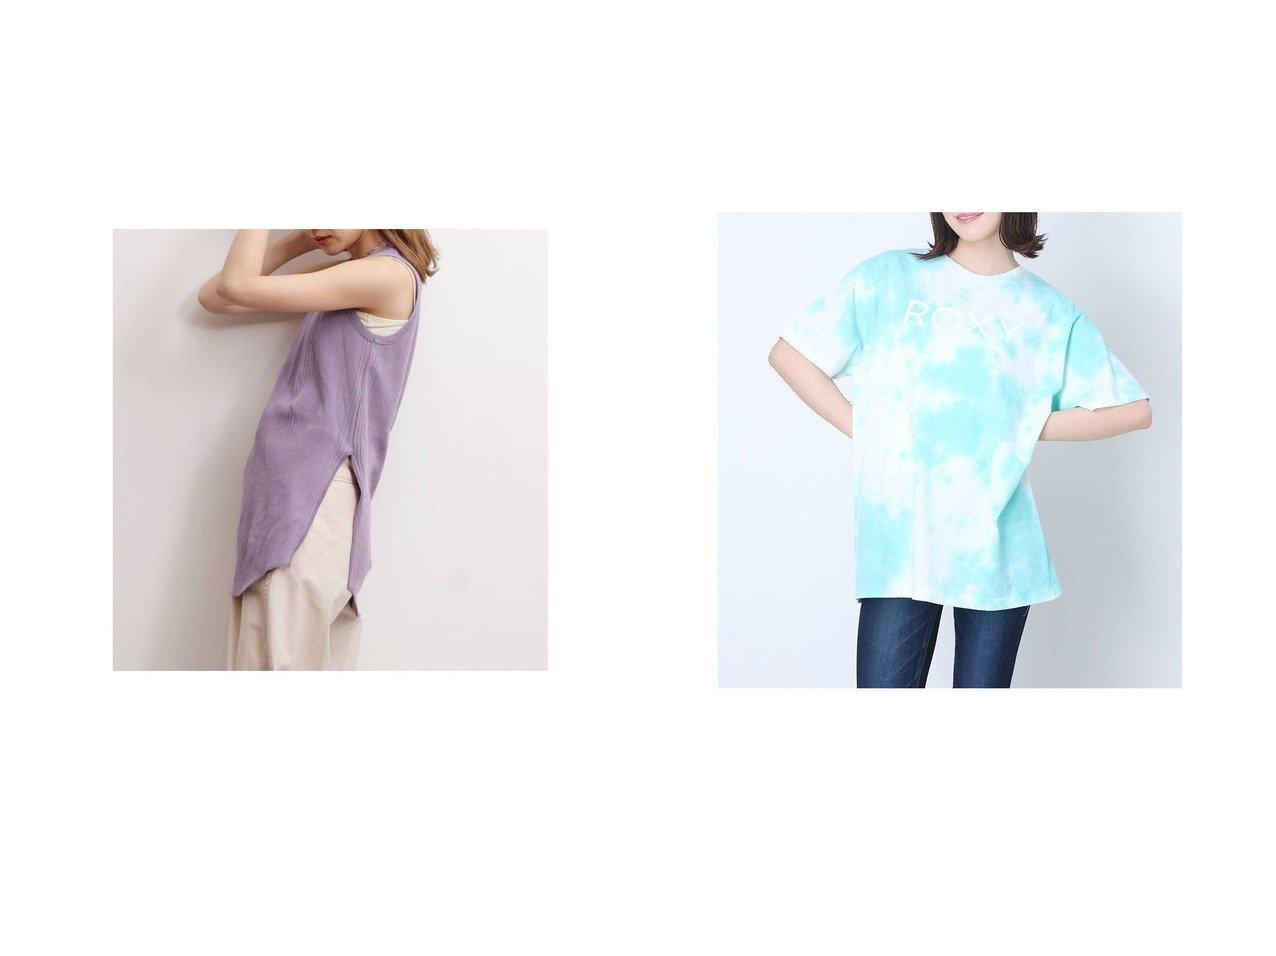 【ROXY/ロキシー】のRAVE&【UNGRID/アングリッド】のUngrid デザインカットタンクトップ おすすめ!人気、トレンド・レディースファッションの通販 おすすめで人気の流行・トレンド、ファッションの通販商品 インテリア・家具・メンズファッション・キッズファッション・レディースファッション・服の通販 founy(ファニー) https://founy.com/ ファッション Fashion レディースファッション WOMEN 2021年 2021 2021春夏・S/S SS/Spring/Summer/2021 S/S・春夏 SS・Spring/Summer インナー カッティング タンク テレコ バランス ベーシック ボトム ランダム 今季 春 Spring  ID:crp329100000044382